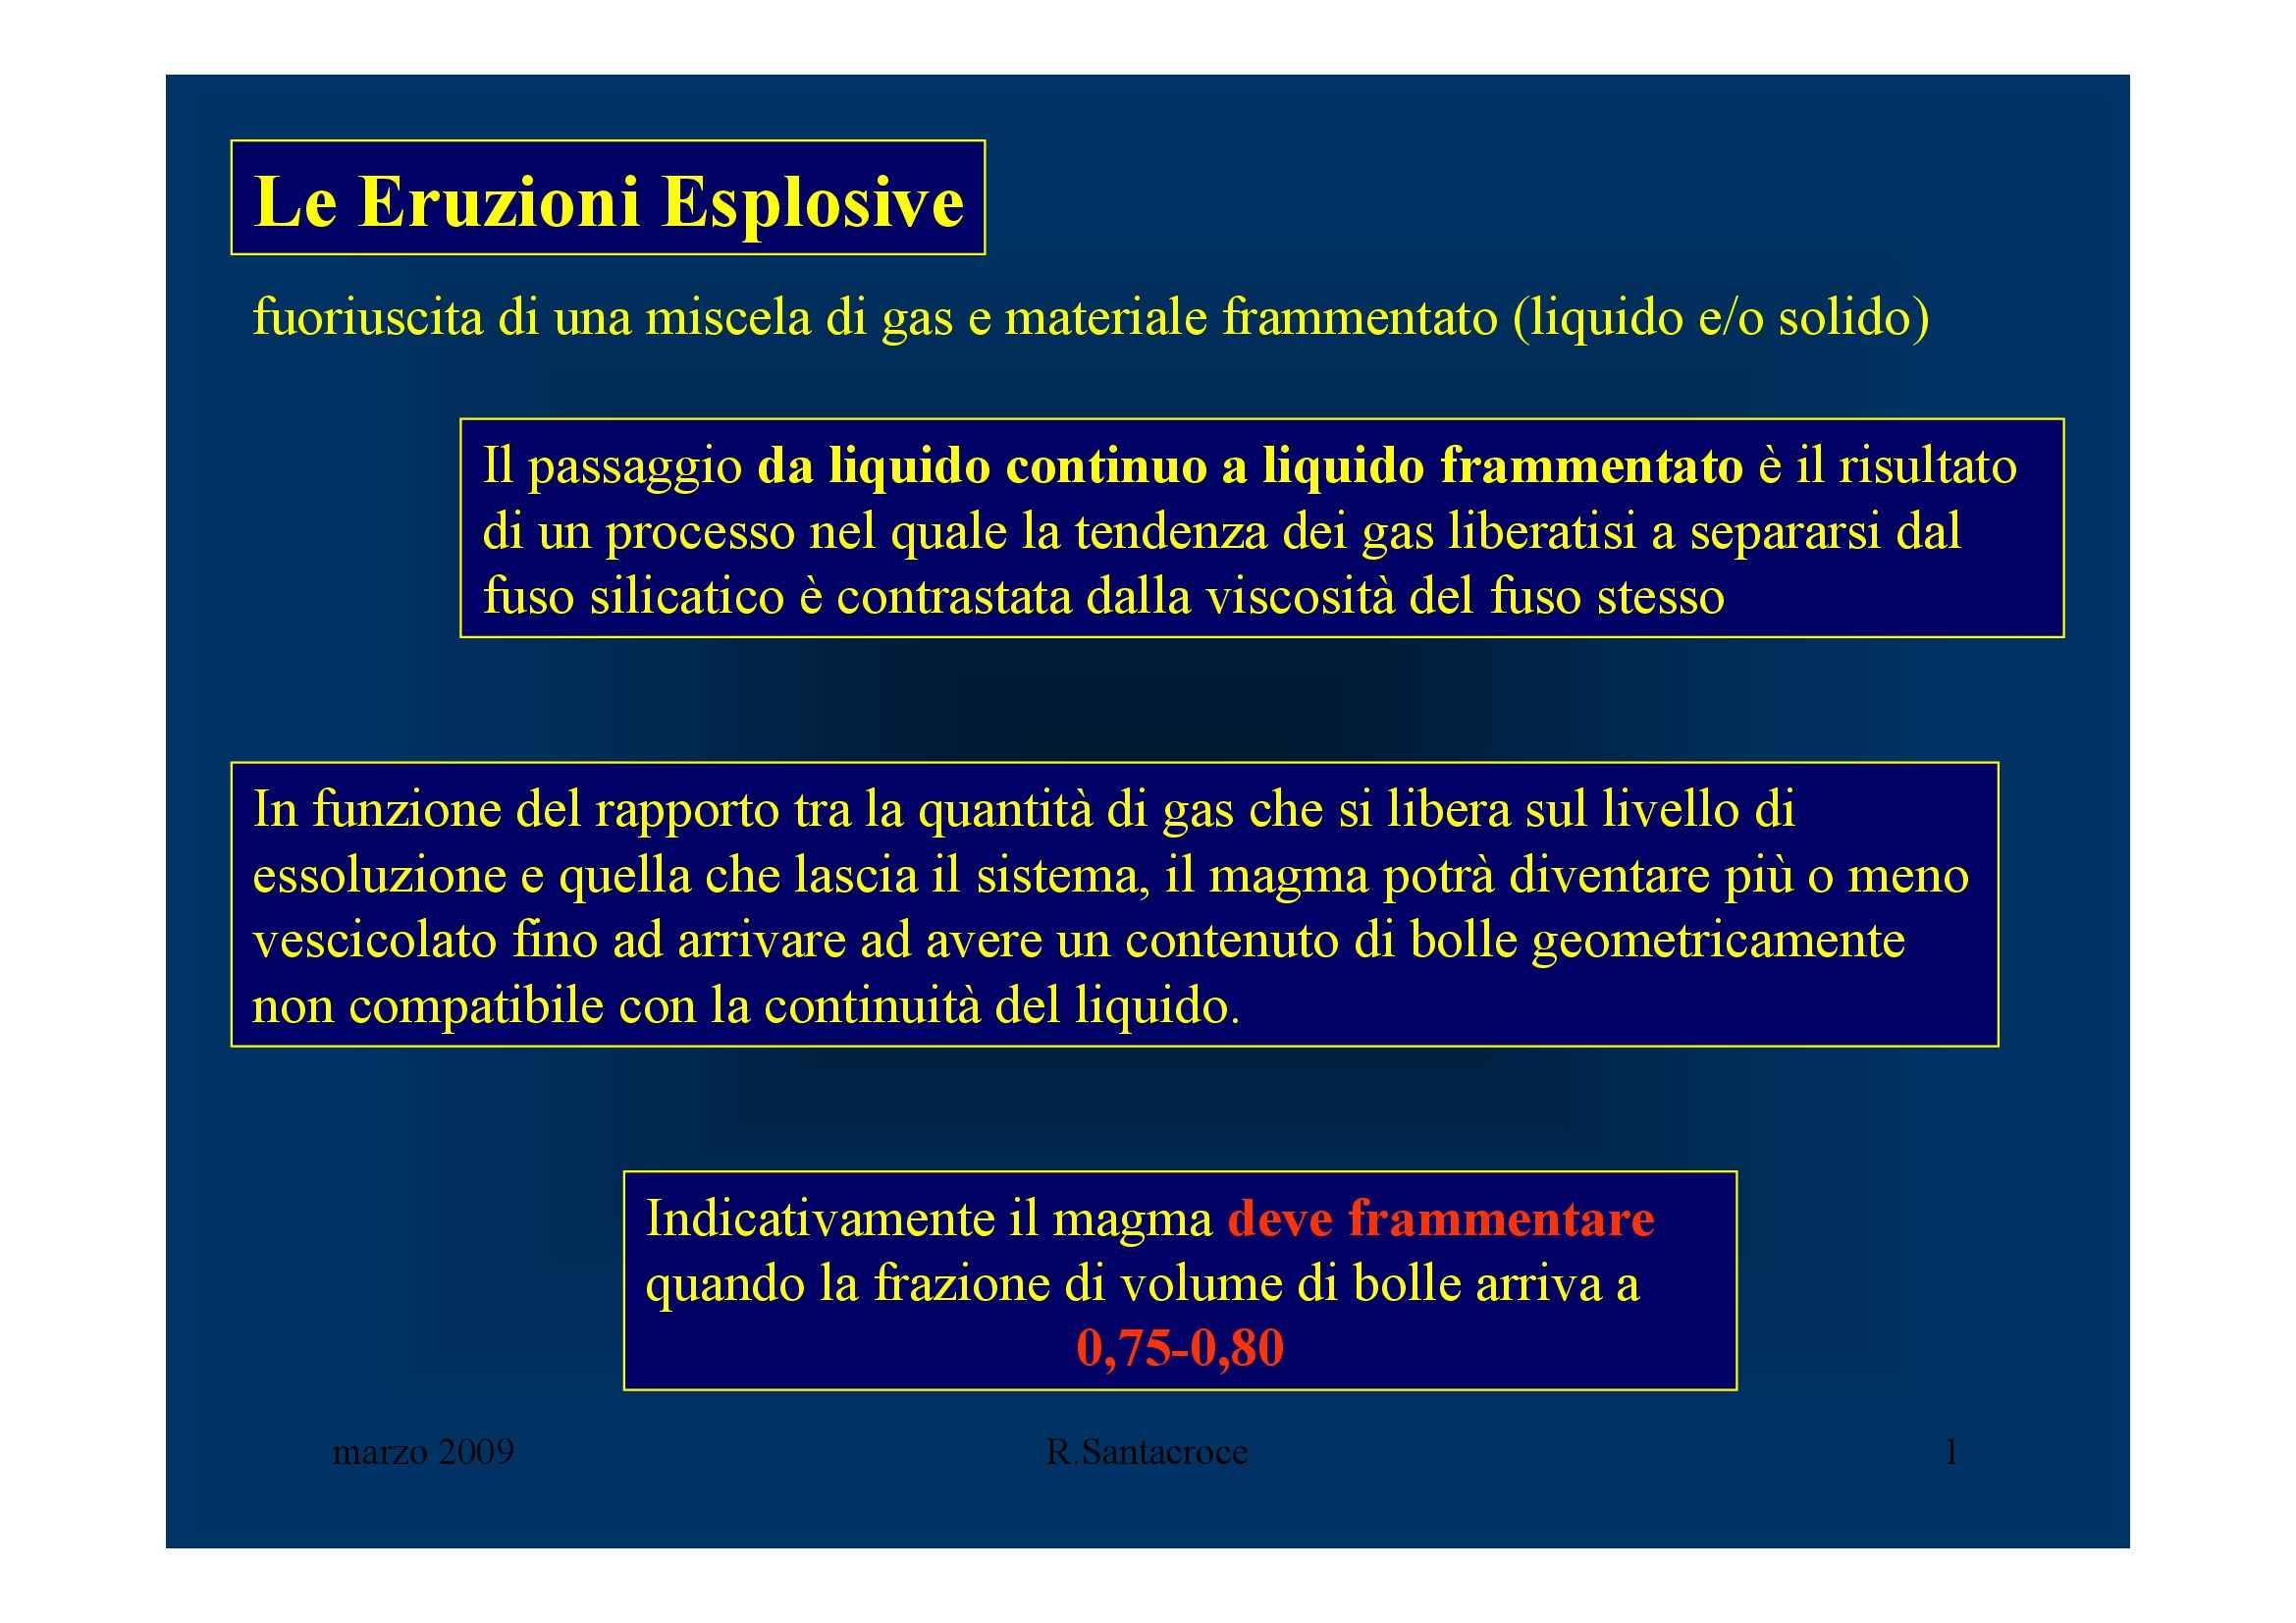 Eruzioni esplosive